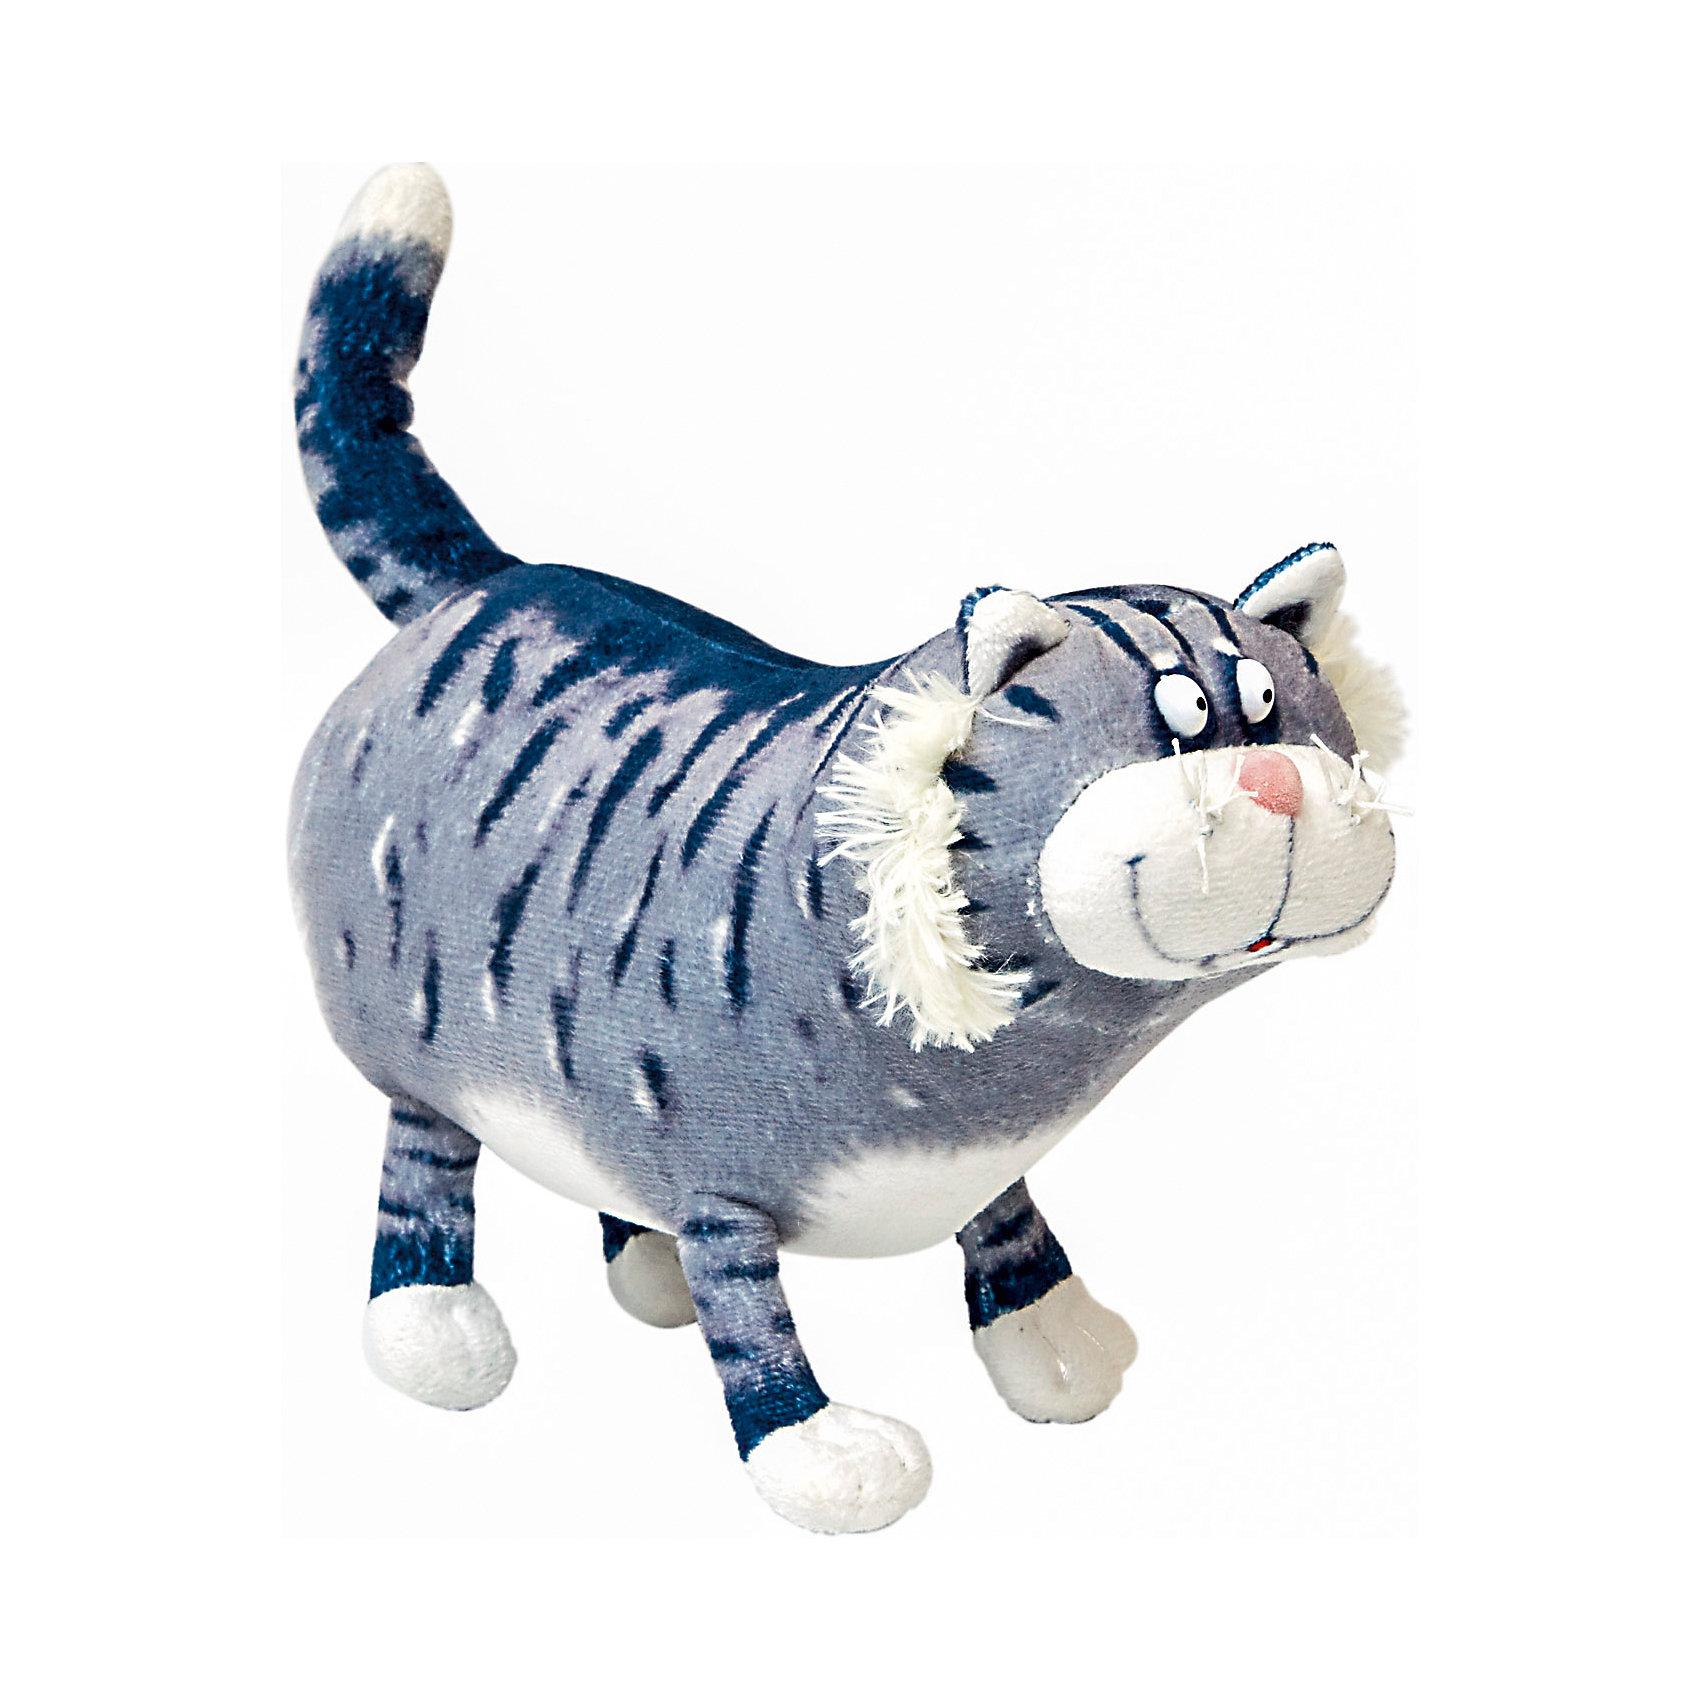 Мягкая игрушка Котик Кузя, FancyХарактеристики:<br><br>• высота игрушки: 18 см;<br>• тип игрушки: мягконабивная;<br>• материал: плюш, текстиль, синтетический наполнитель. <br><br>Упитанный кот Кузя ищет своего хозяина. Деловой котик с причудливой мордашкой только и думает о том, как бы «стащить» сосиску. Такого котика надо держать под присмотром – заказывайте питомца в магазине и готовьте угощения для прожорливого домашнего зверька. <br><br>Мягкую игрушку Котик Кузя, Fancy можно купить в нашем магазине.<br><br>Ширина мм: 190<br>Глубина мм: 90<br>Высота мм: 150<br>Вес г: 120<br>Возраст от месяцев: 36<br>Возраст до месяцев: 2147483647<br>Пол: Унисекс<br>Возраст: Детский<br>SKU: 5268999